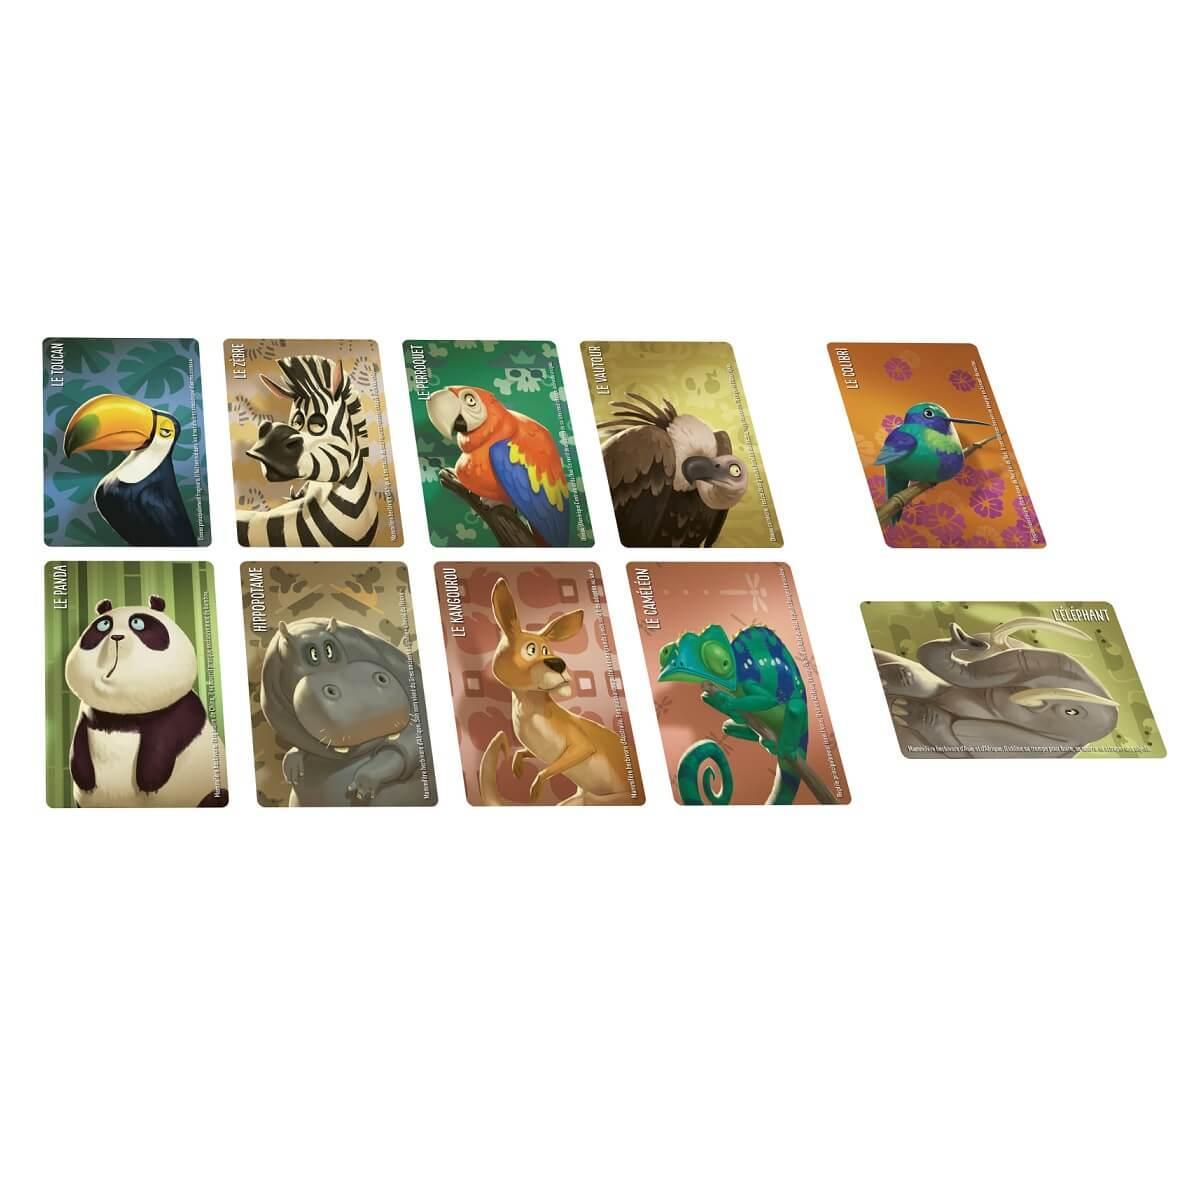 Jeu de societe cartes similo animaux sauvages